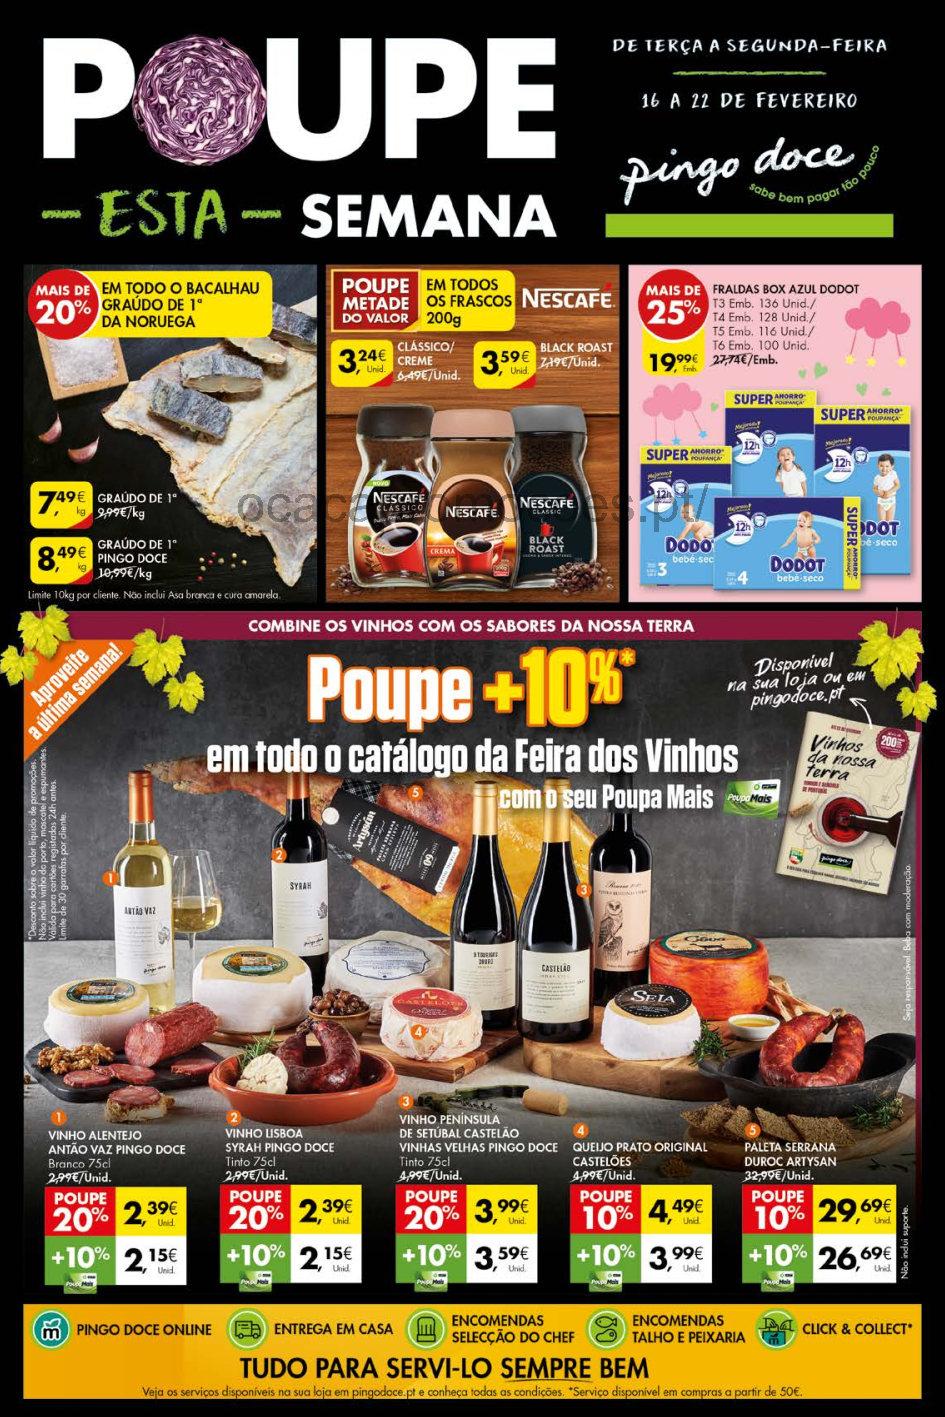 pingo doce folheto lojas grandes 16 22 fevereiro Page48